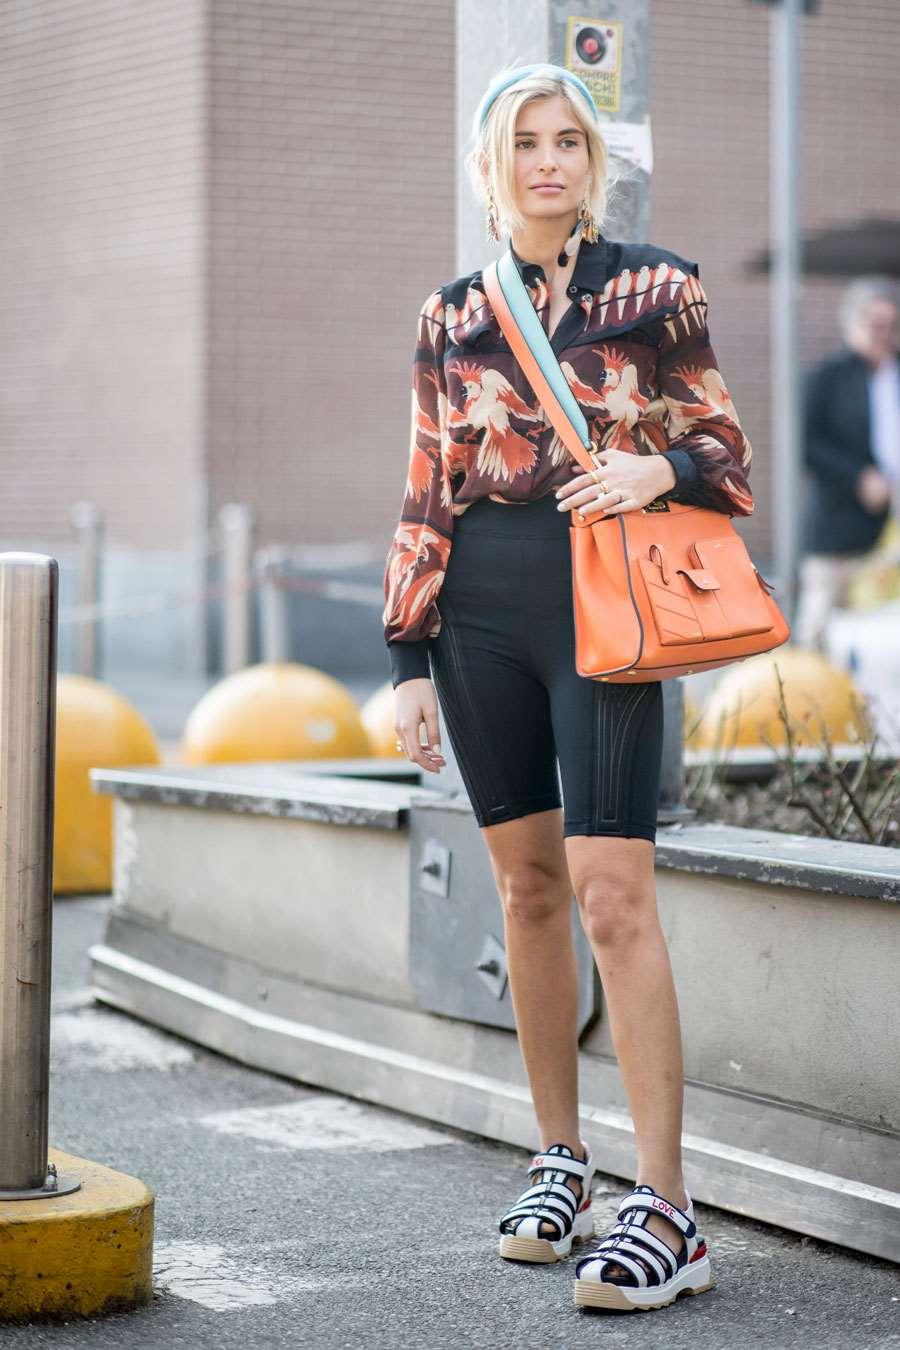 Moda 2020 5 Tendencias De Moda Nuevas Y 5 Que Se Van